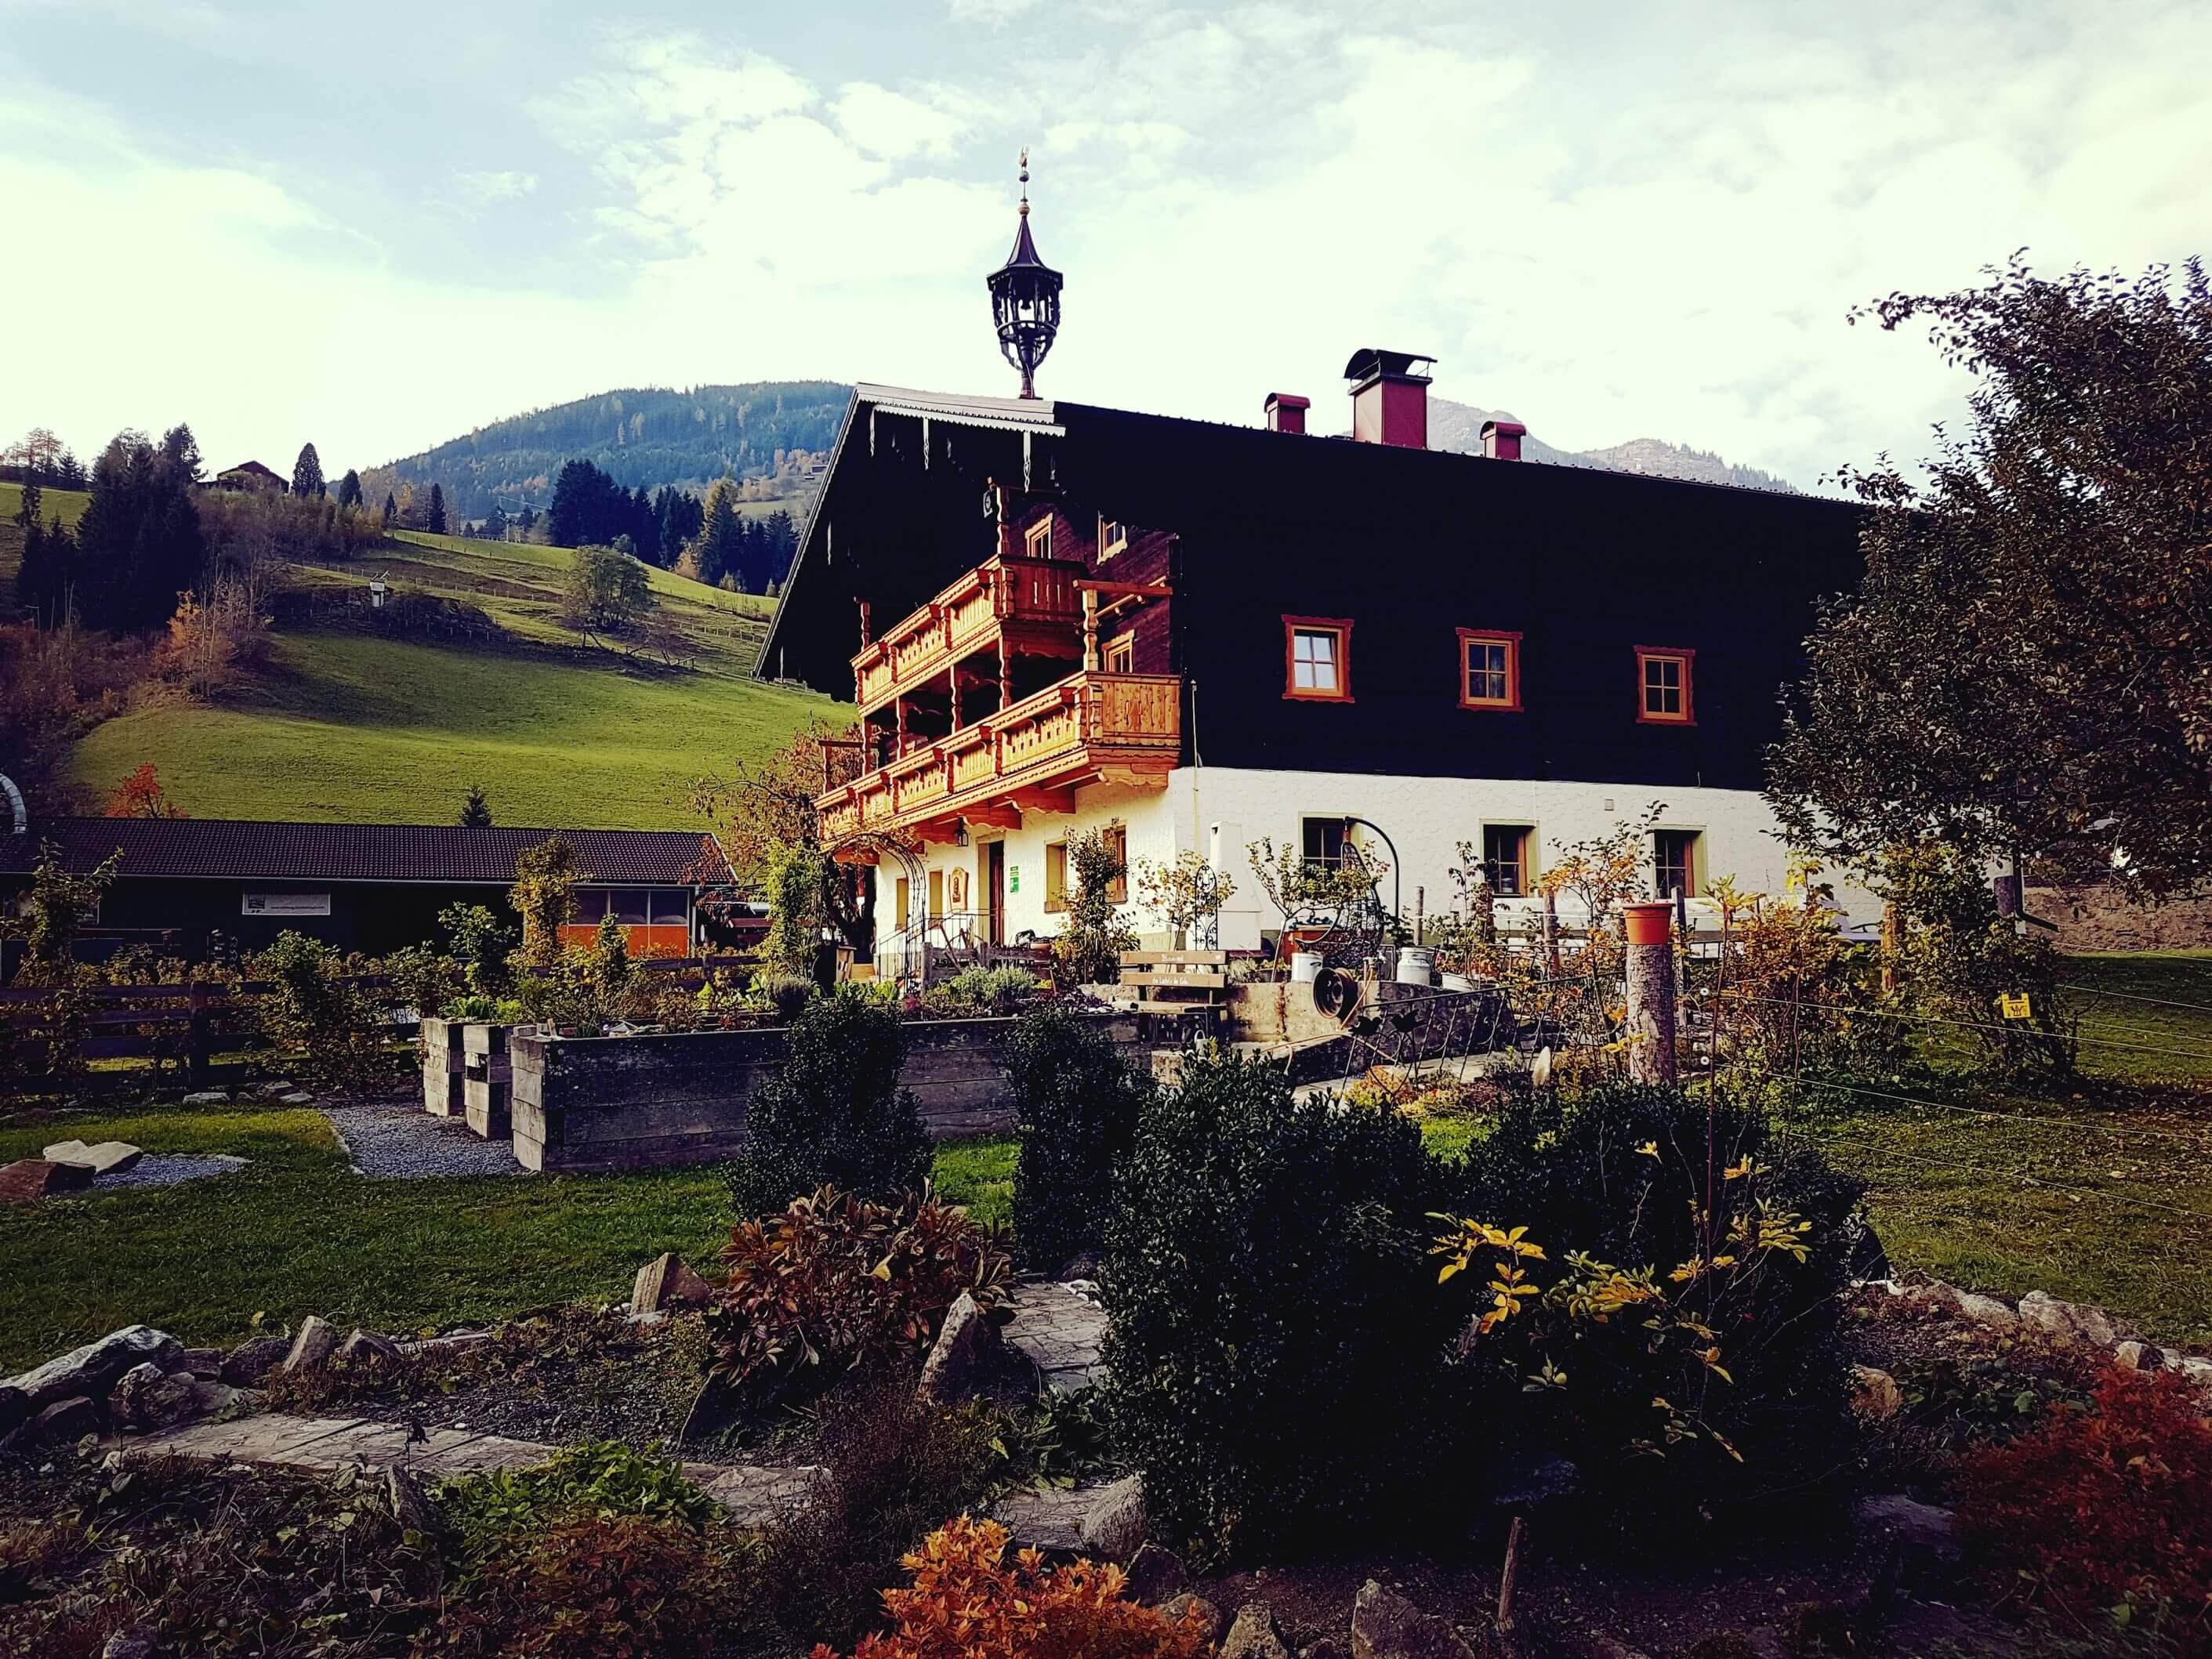 Frontansicht Bauernhof Zittrauerhof Bad Hofgastein